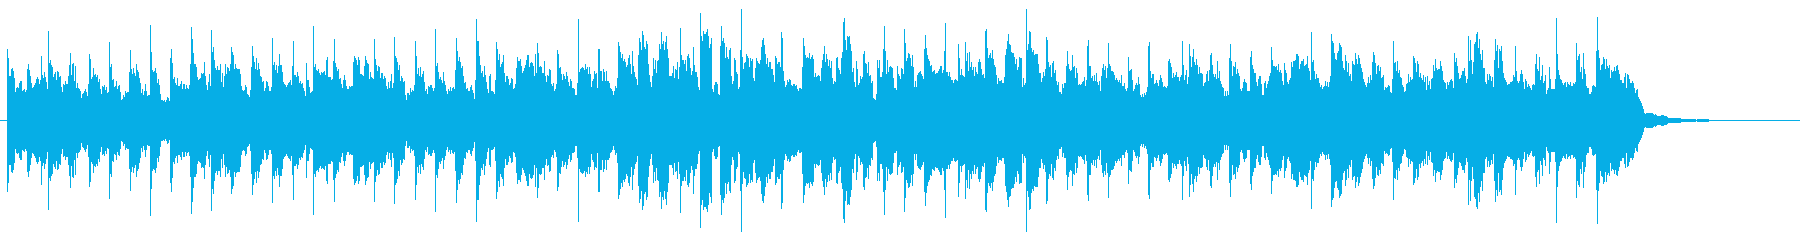 ハーモニカが印象的な軽快なジングルの再生済みの波形